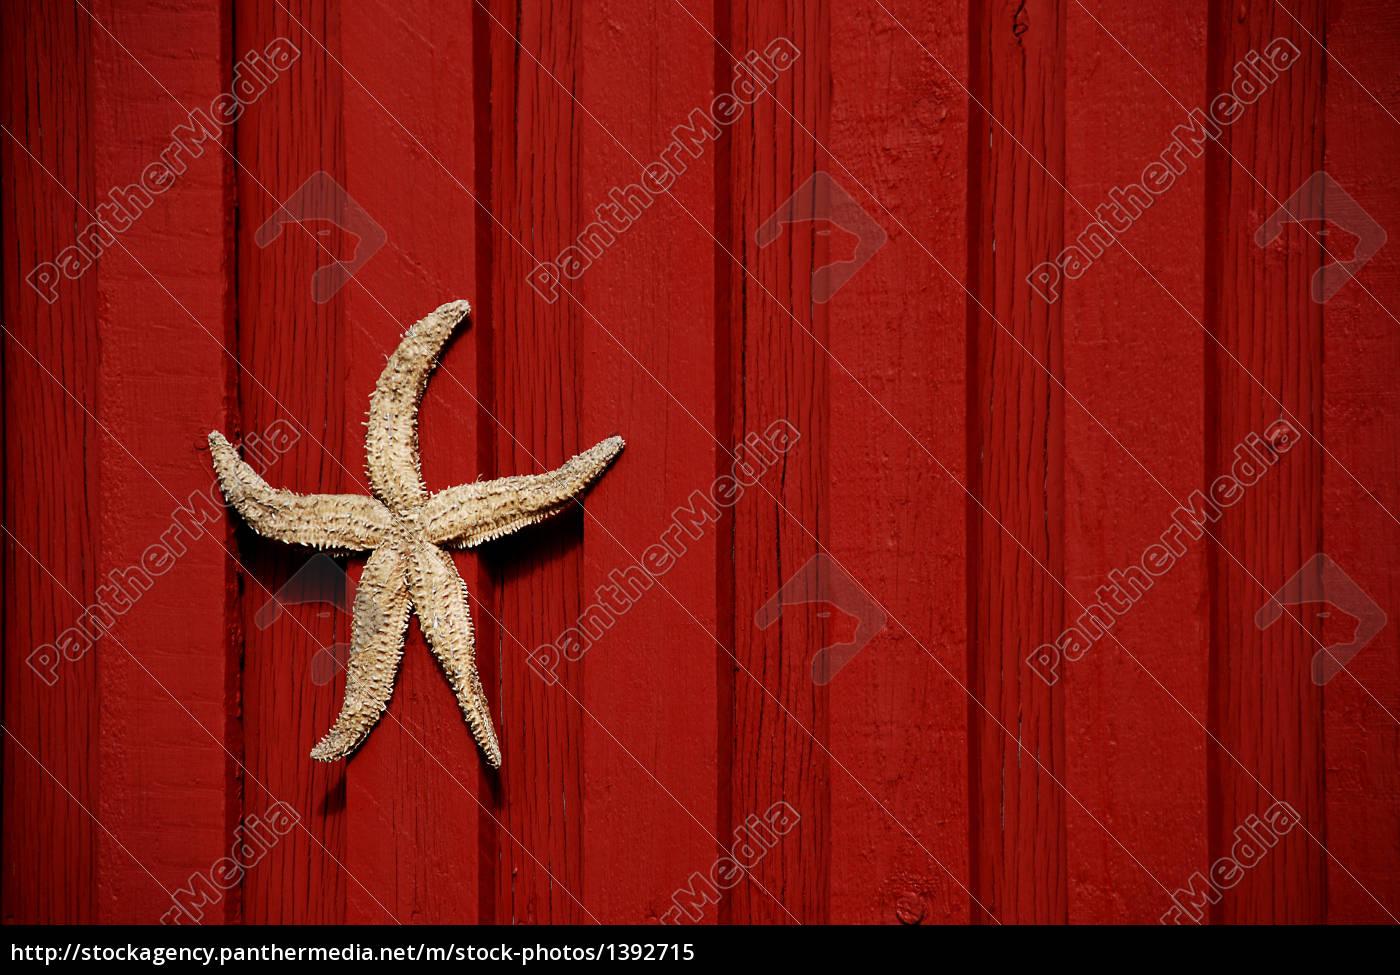 starfish - 1392715